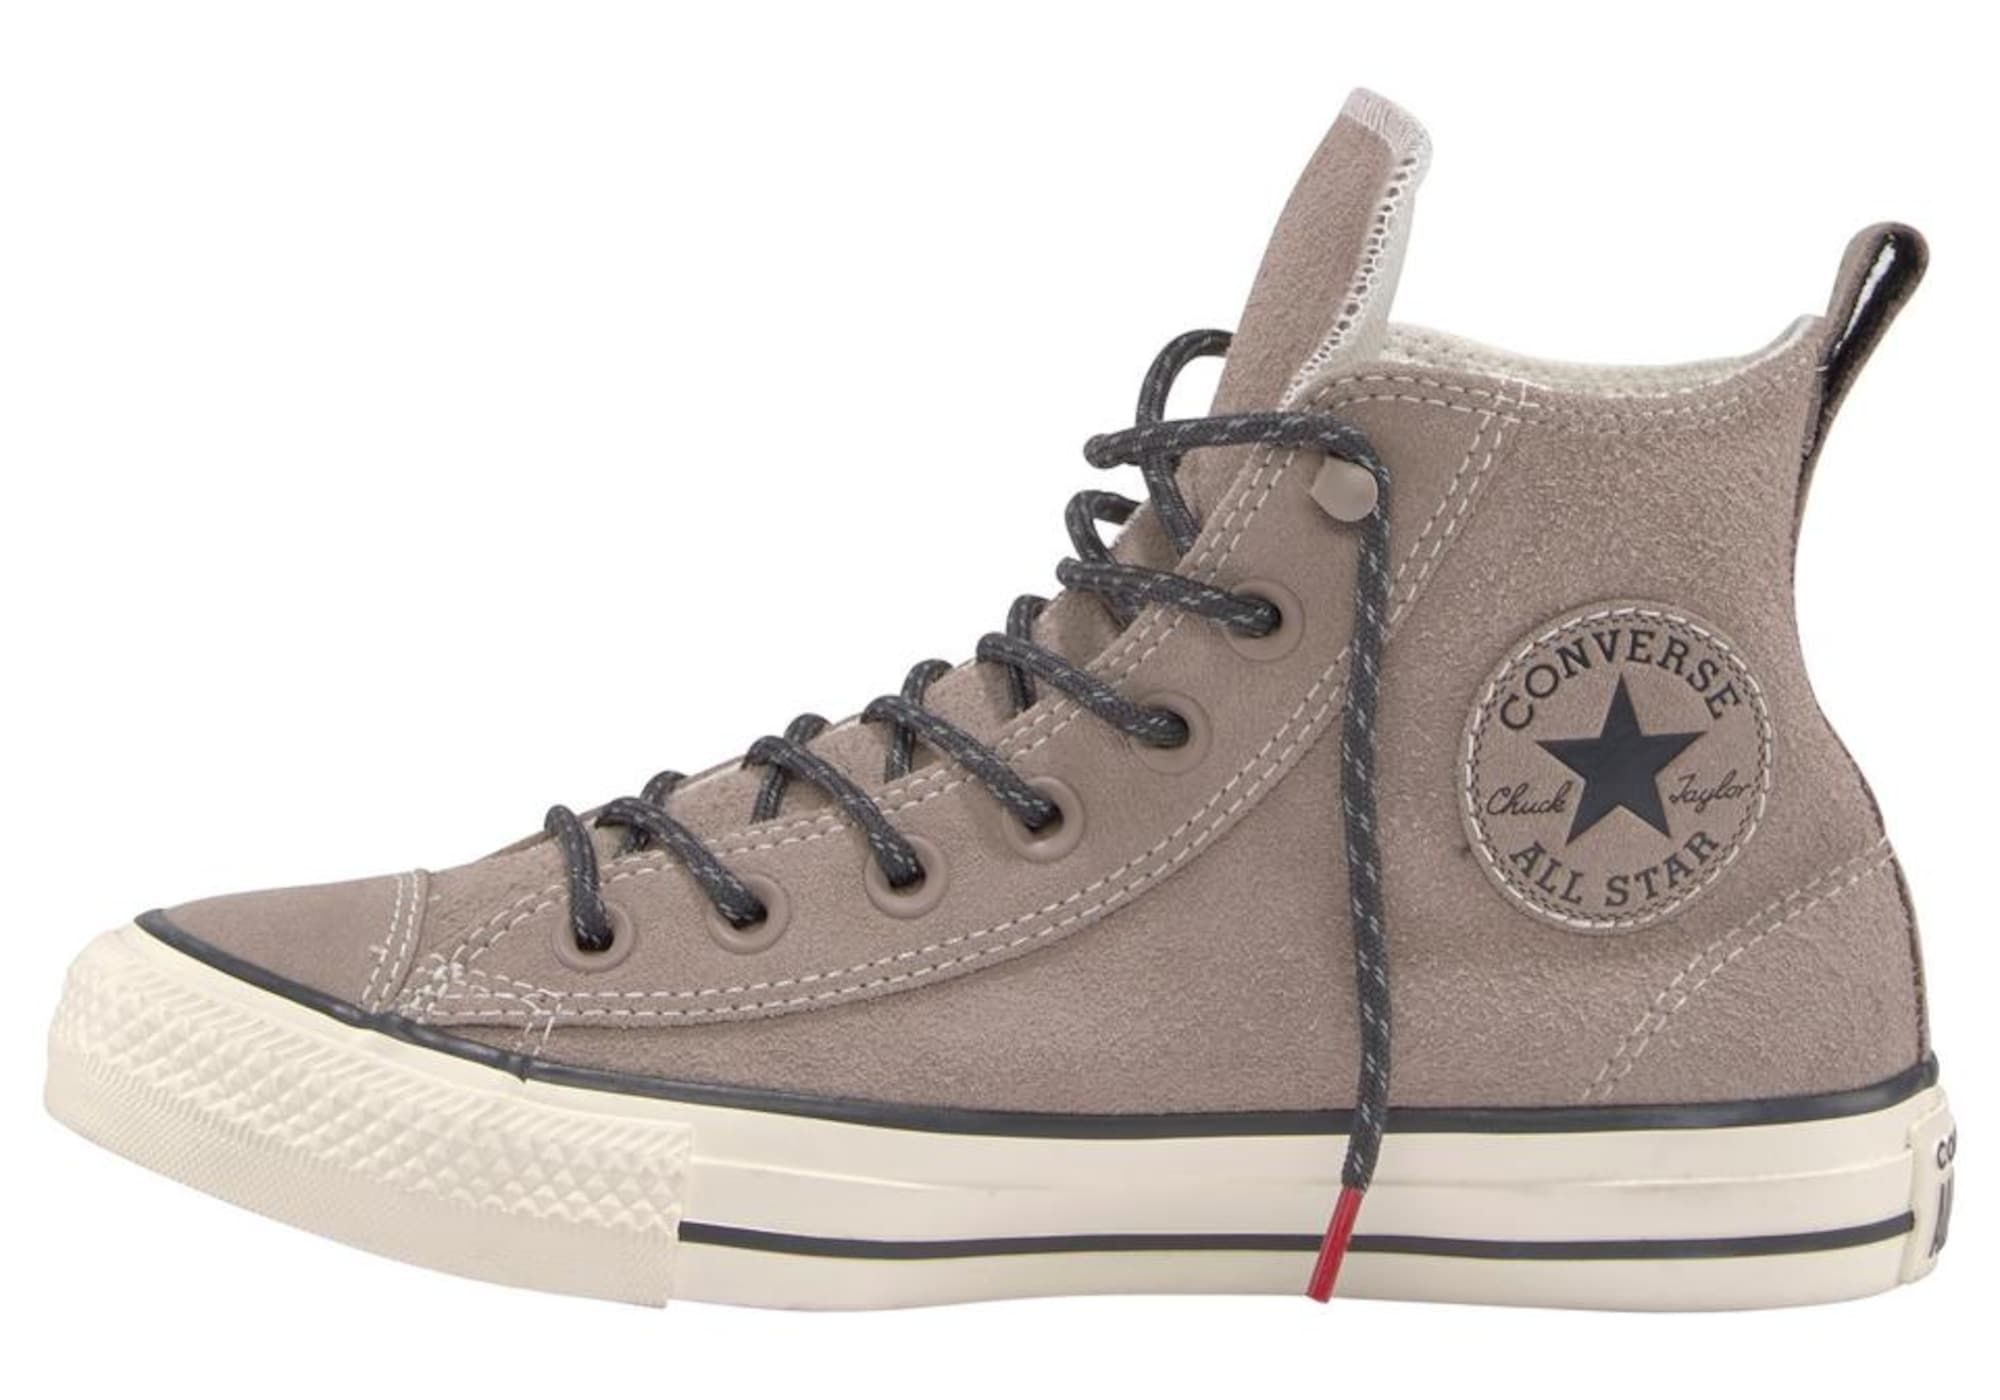 CONVERSE Sneaker 'CHUCK TAYLOR ALL STAR' Damen, Hellbraun